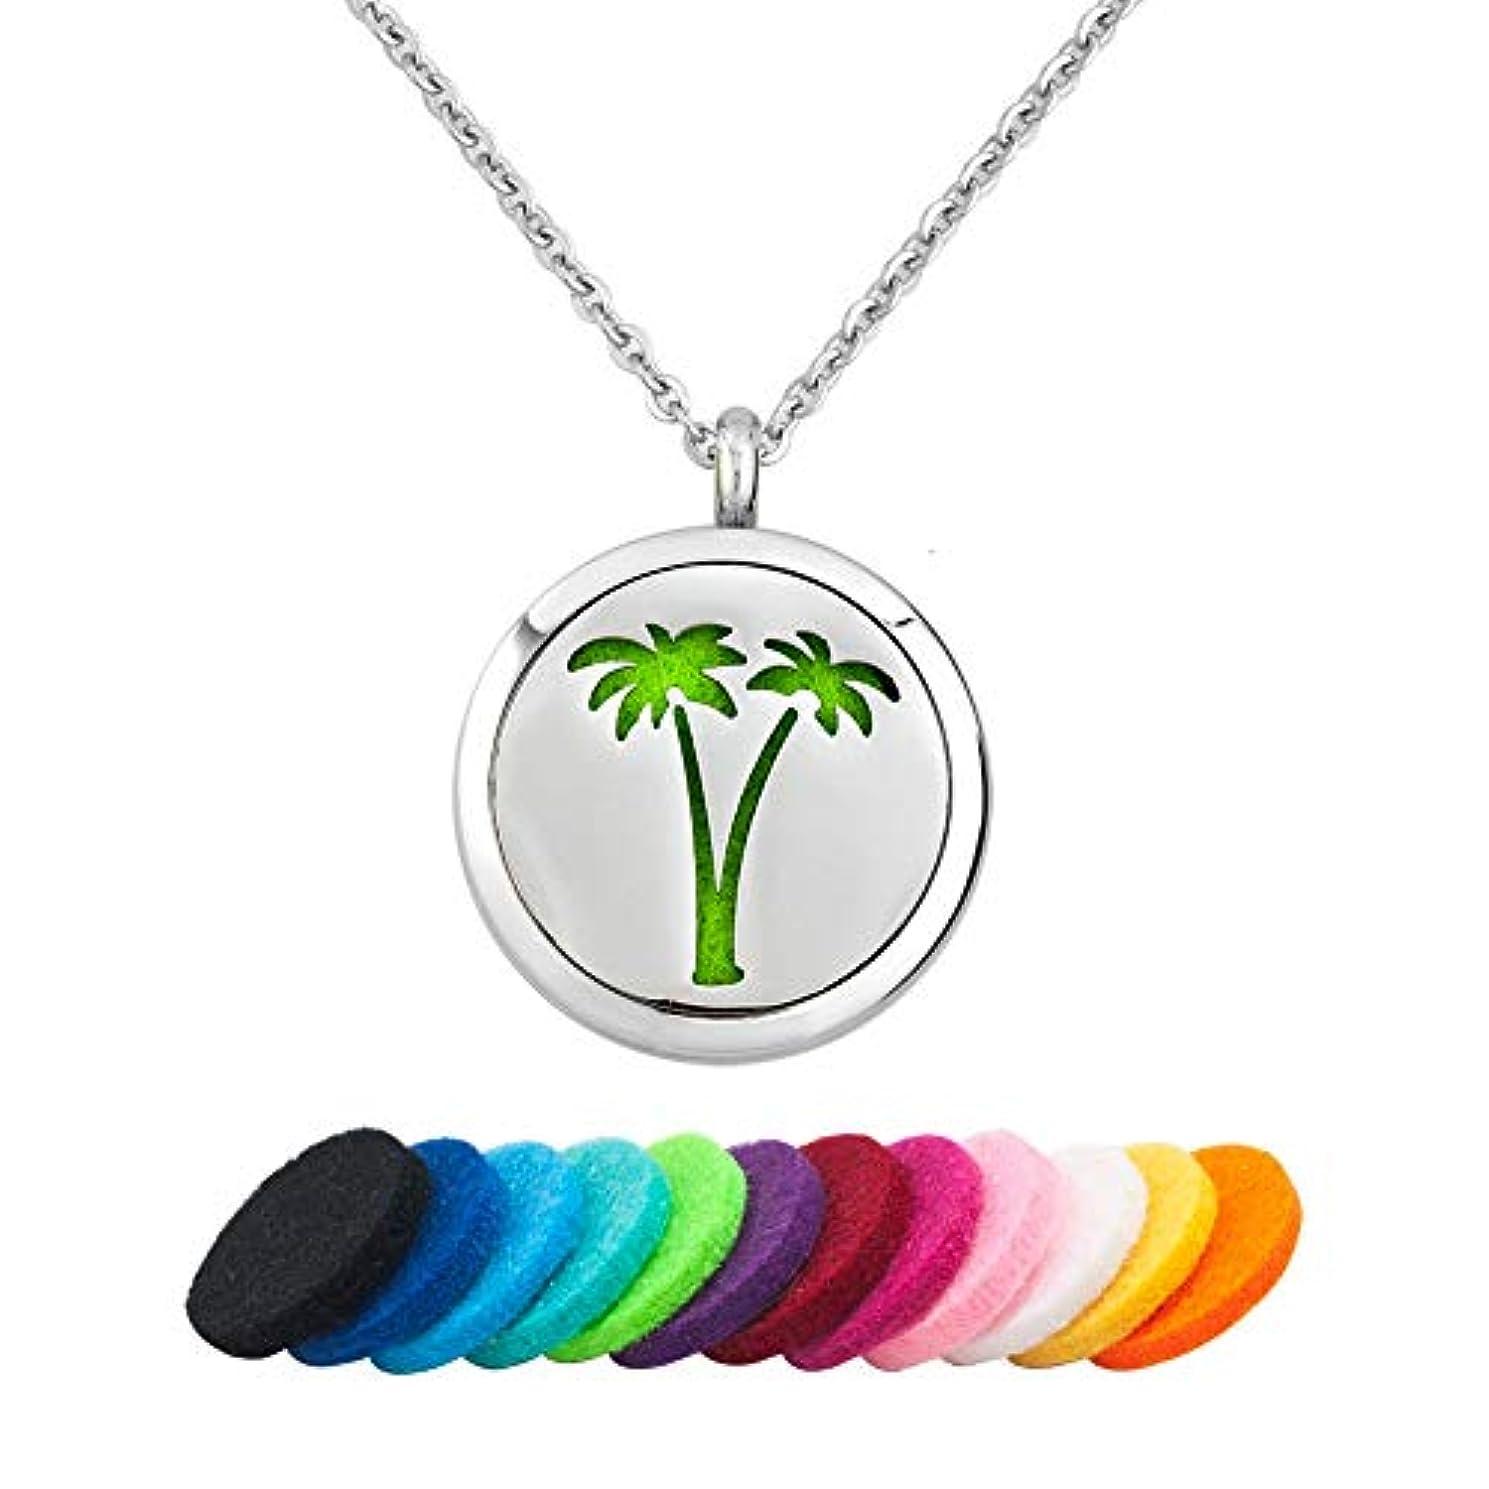 活力豊富に実行CLY Jewelry Love Nature Winds ファイヤーメープルクローバー ヤシの木 マッシュルーム アロマセラピー エッセンシャルオイルディフューザー ネックレスペンダント 12パッド